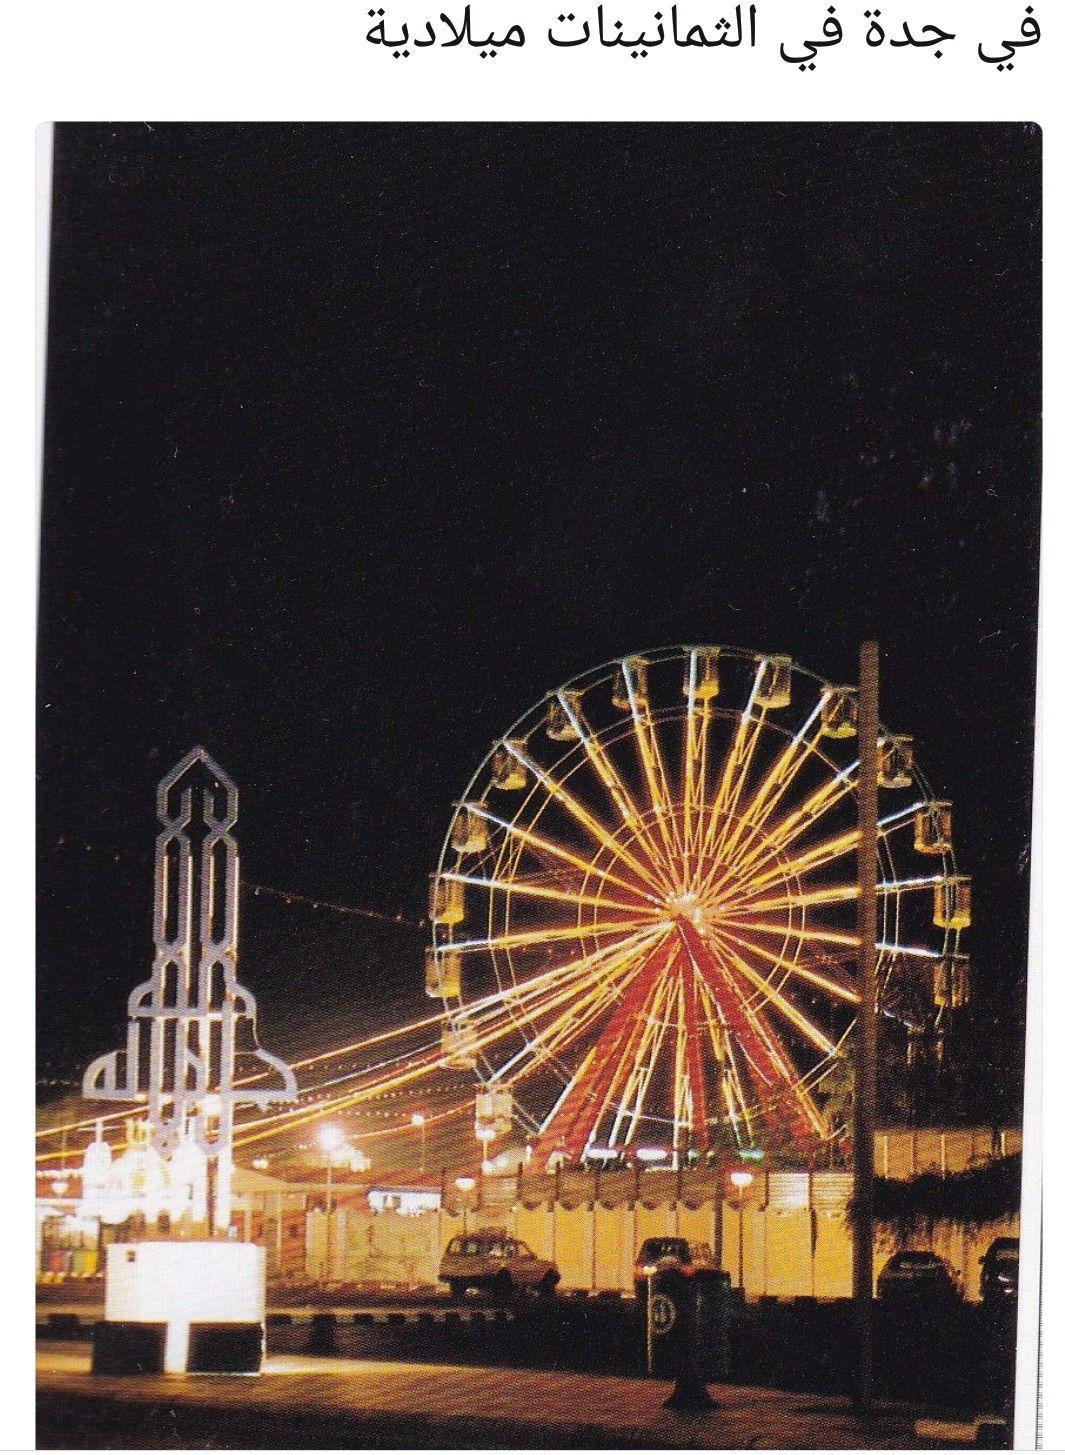 ملاهي السندباد Fair Grounds Grounds Ferris Wheel